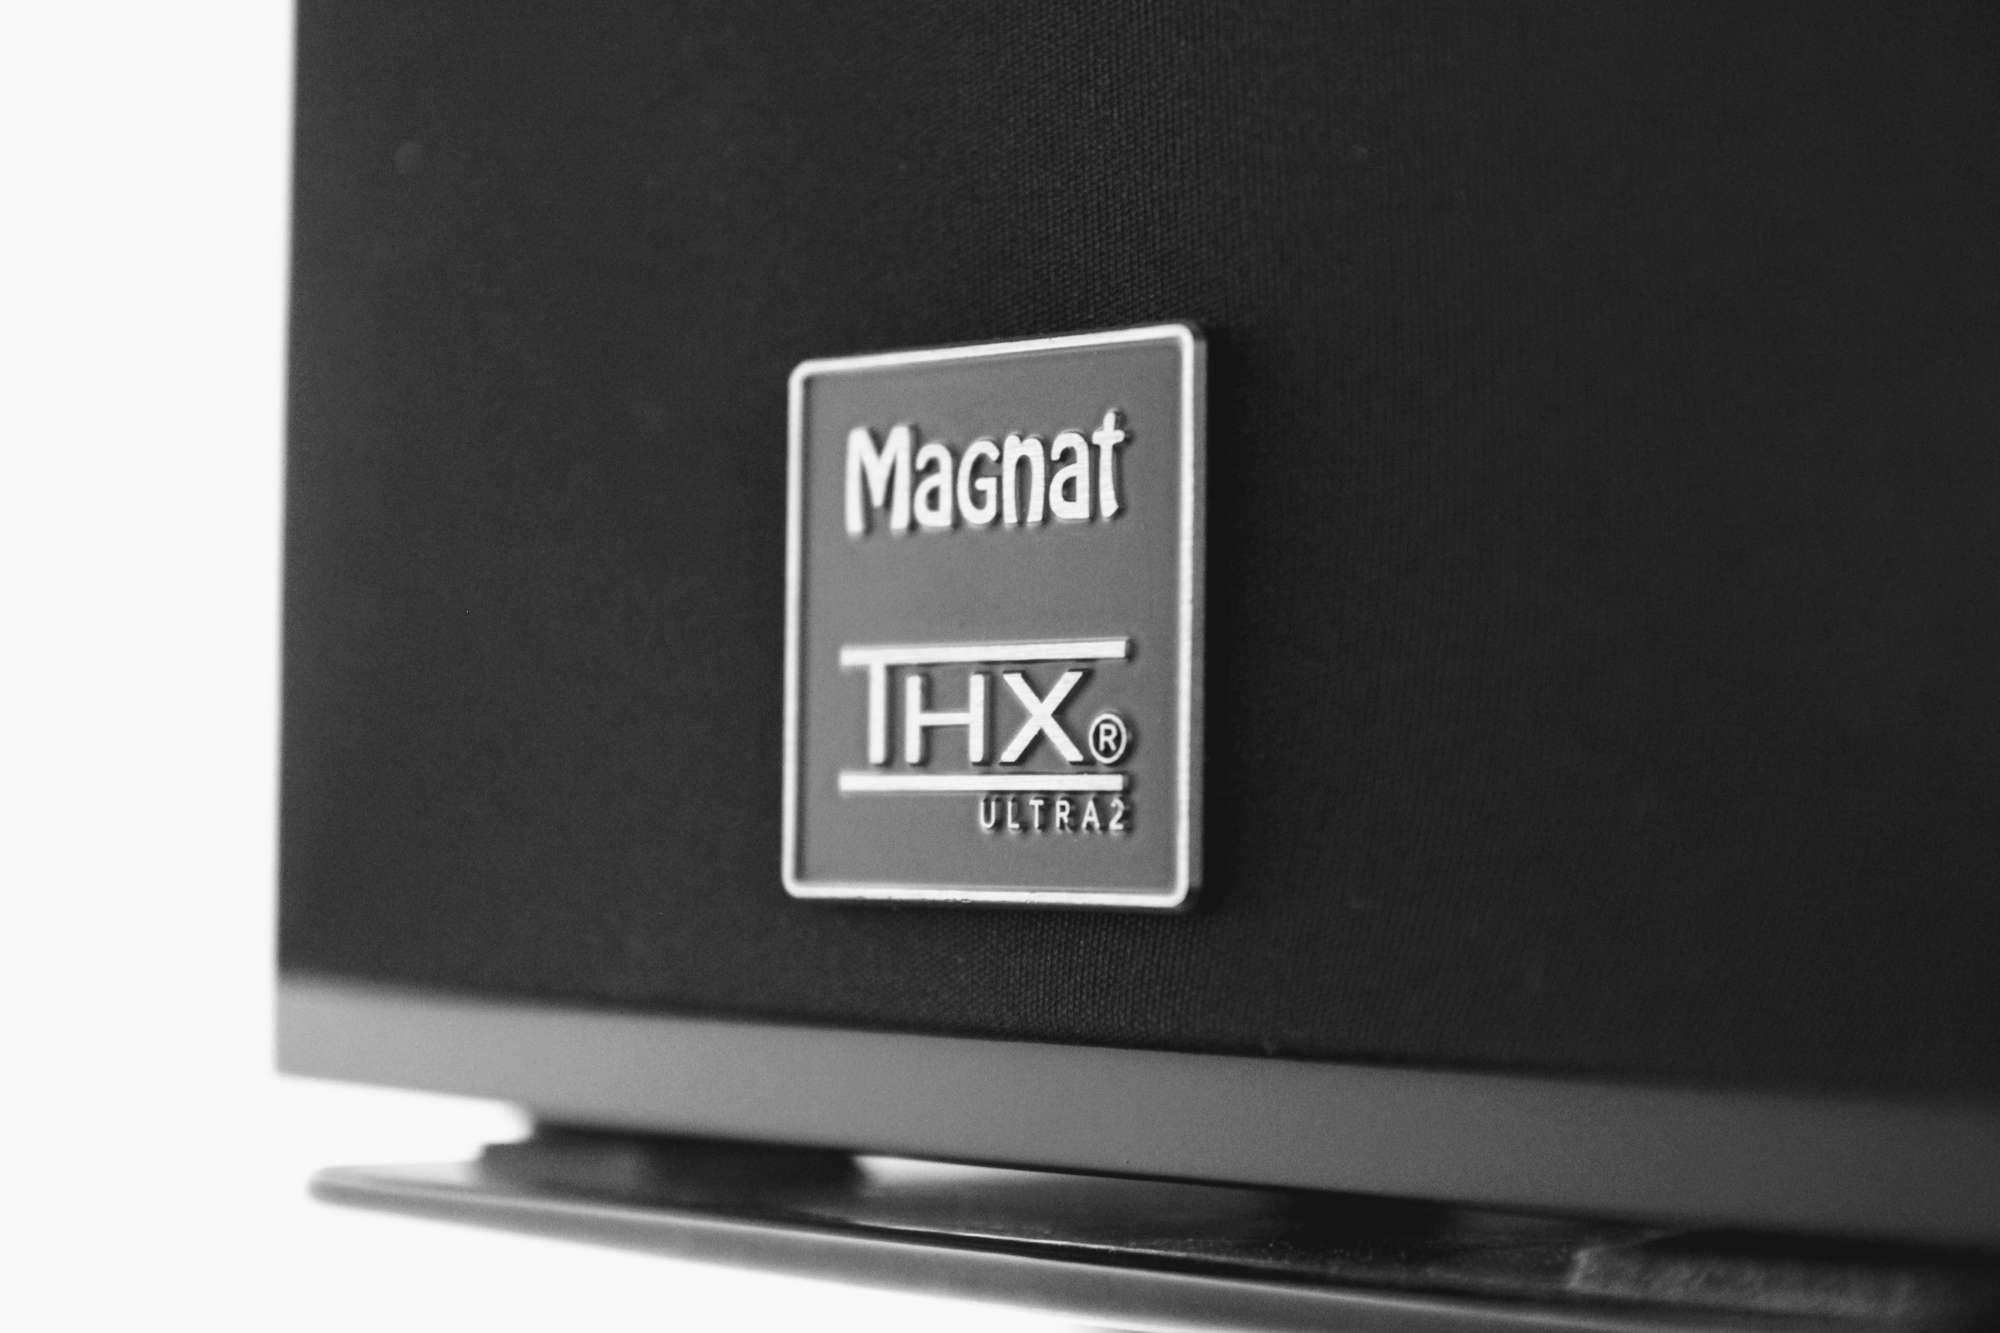 Review Magnat Cinema Ultra Thx 5 2 4 Son Vid O Com Blog # Les Table Pour Television Nouveaute